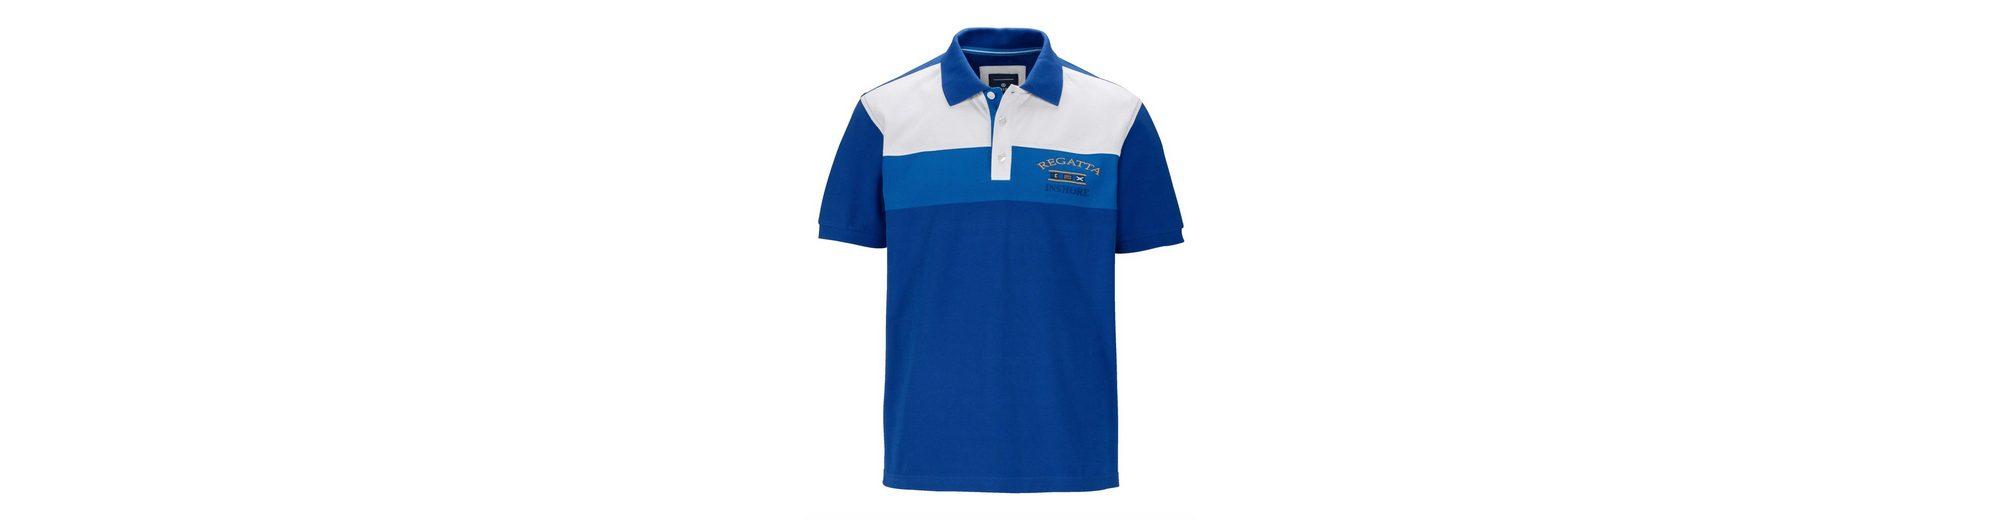 Babista Poloshirt mit Stickerei Bestseller Günstig Kaufen Limited Edition Steckdose Am Besten Günstig Kaufen Ebay Spielraum Wirklich JgXcQQv